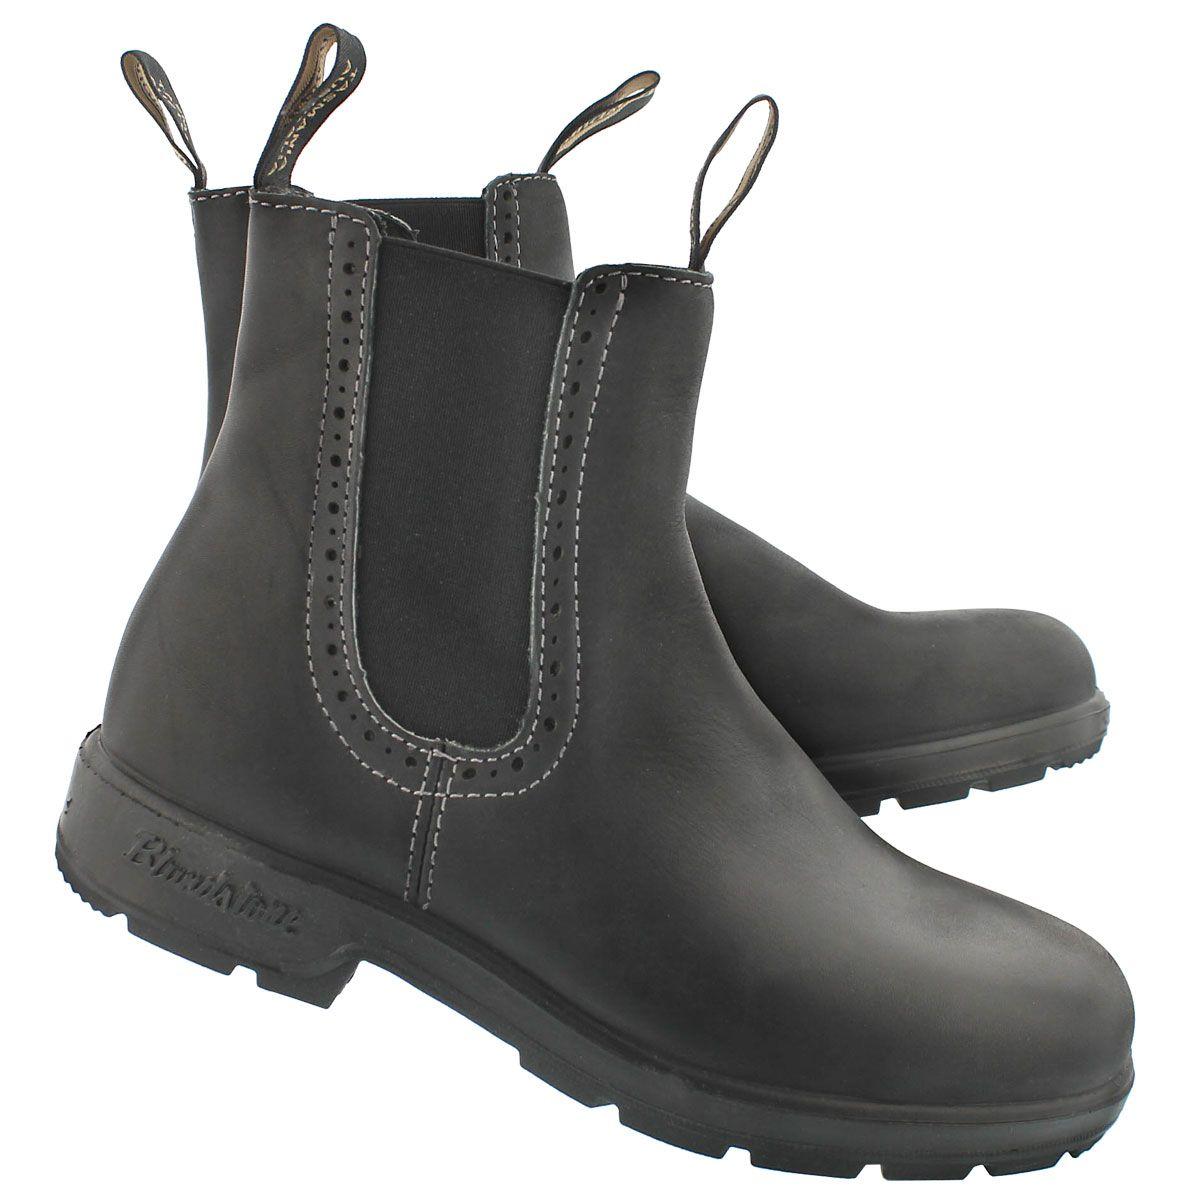 4fb4db83192c Blundstone Women s GIRLFRIEND black pull on boots 1448